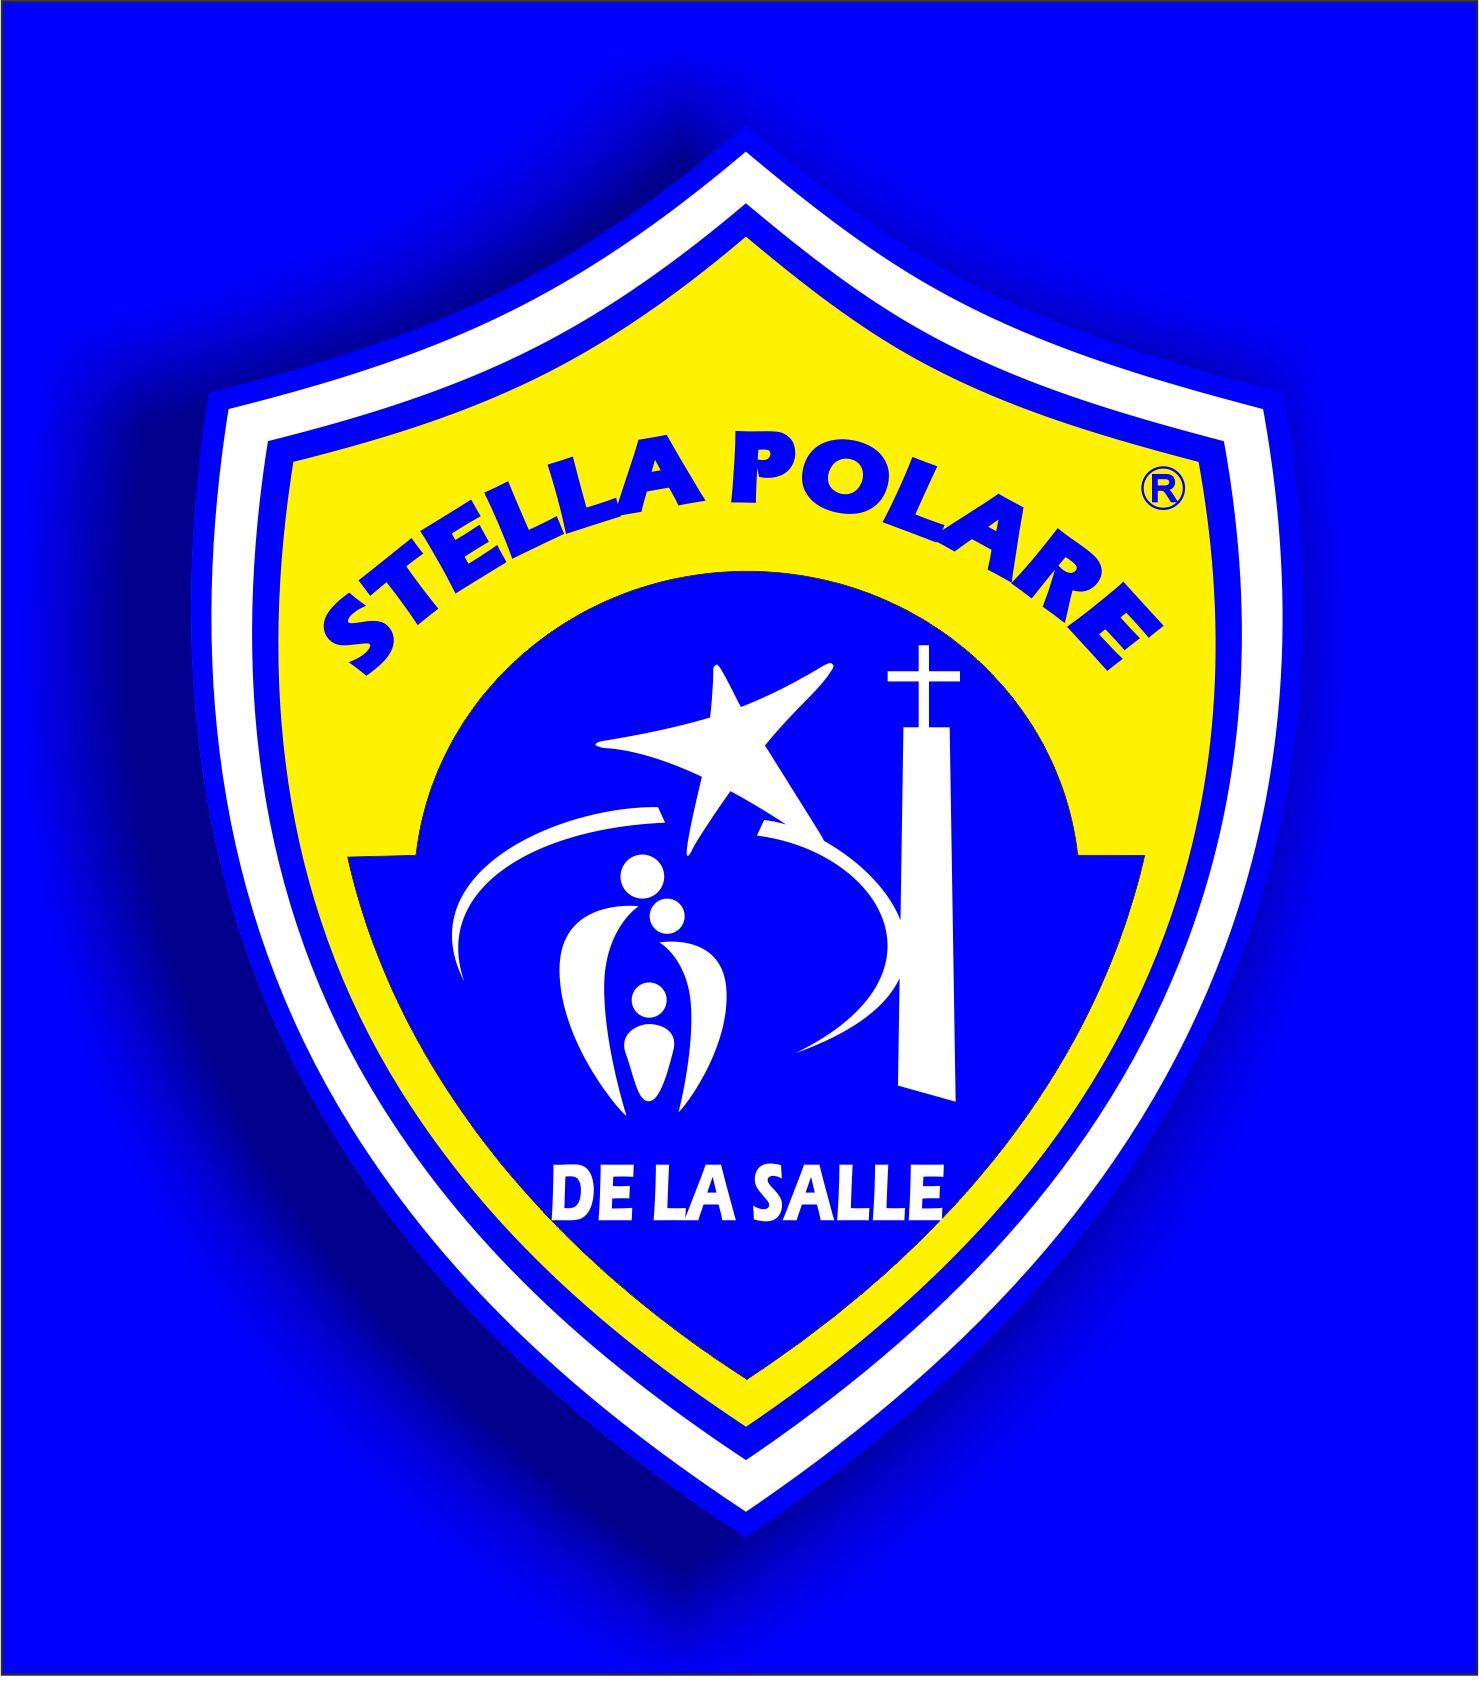 STELLA POLARE DE LA SALLE